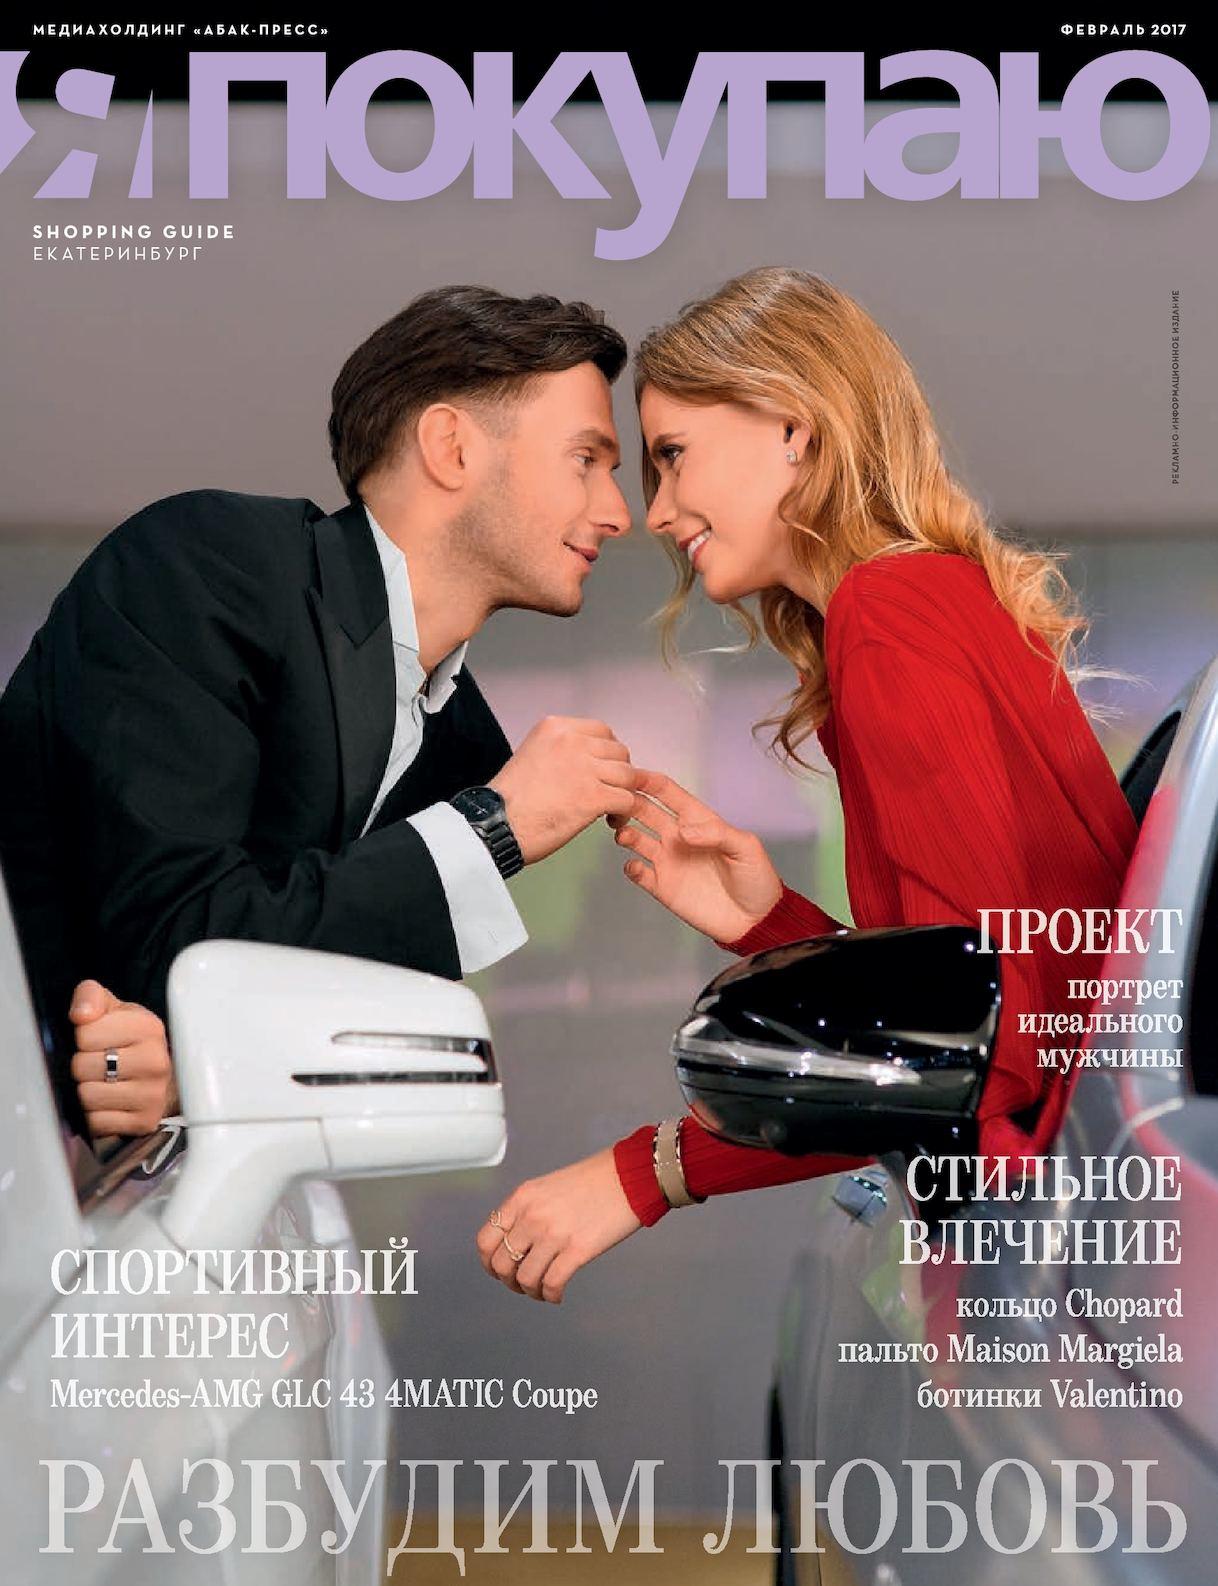 Электронная версия Shopping Guide «Я Покупаю. Екатеринбург», февраль 2017